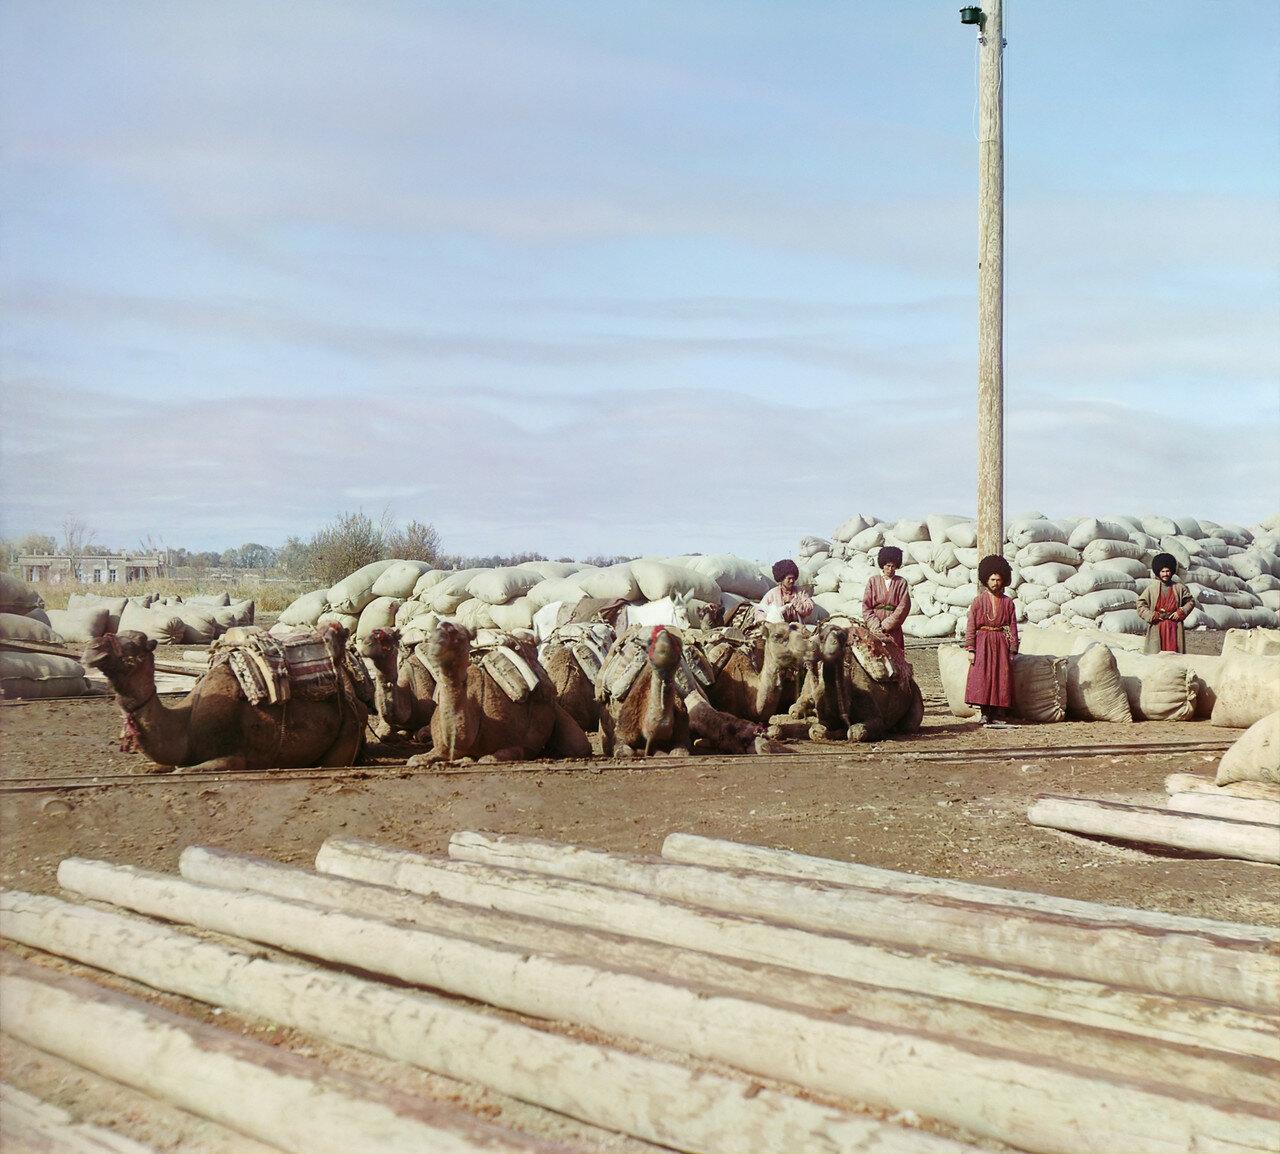 Окрестности Мерва. Байрам-Али. Мургабское имение. Доставка хлопка в завод